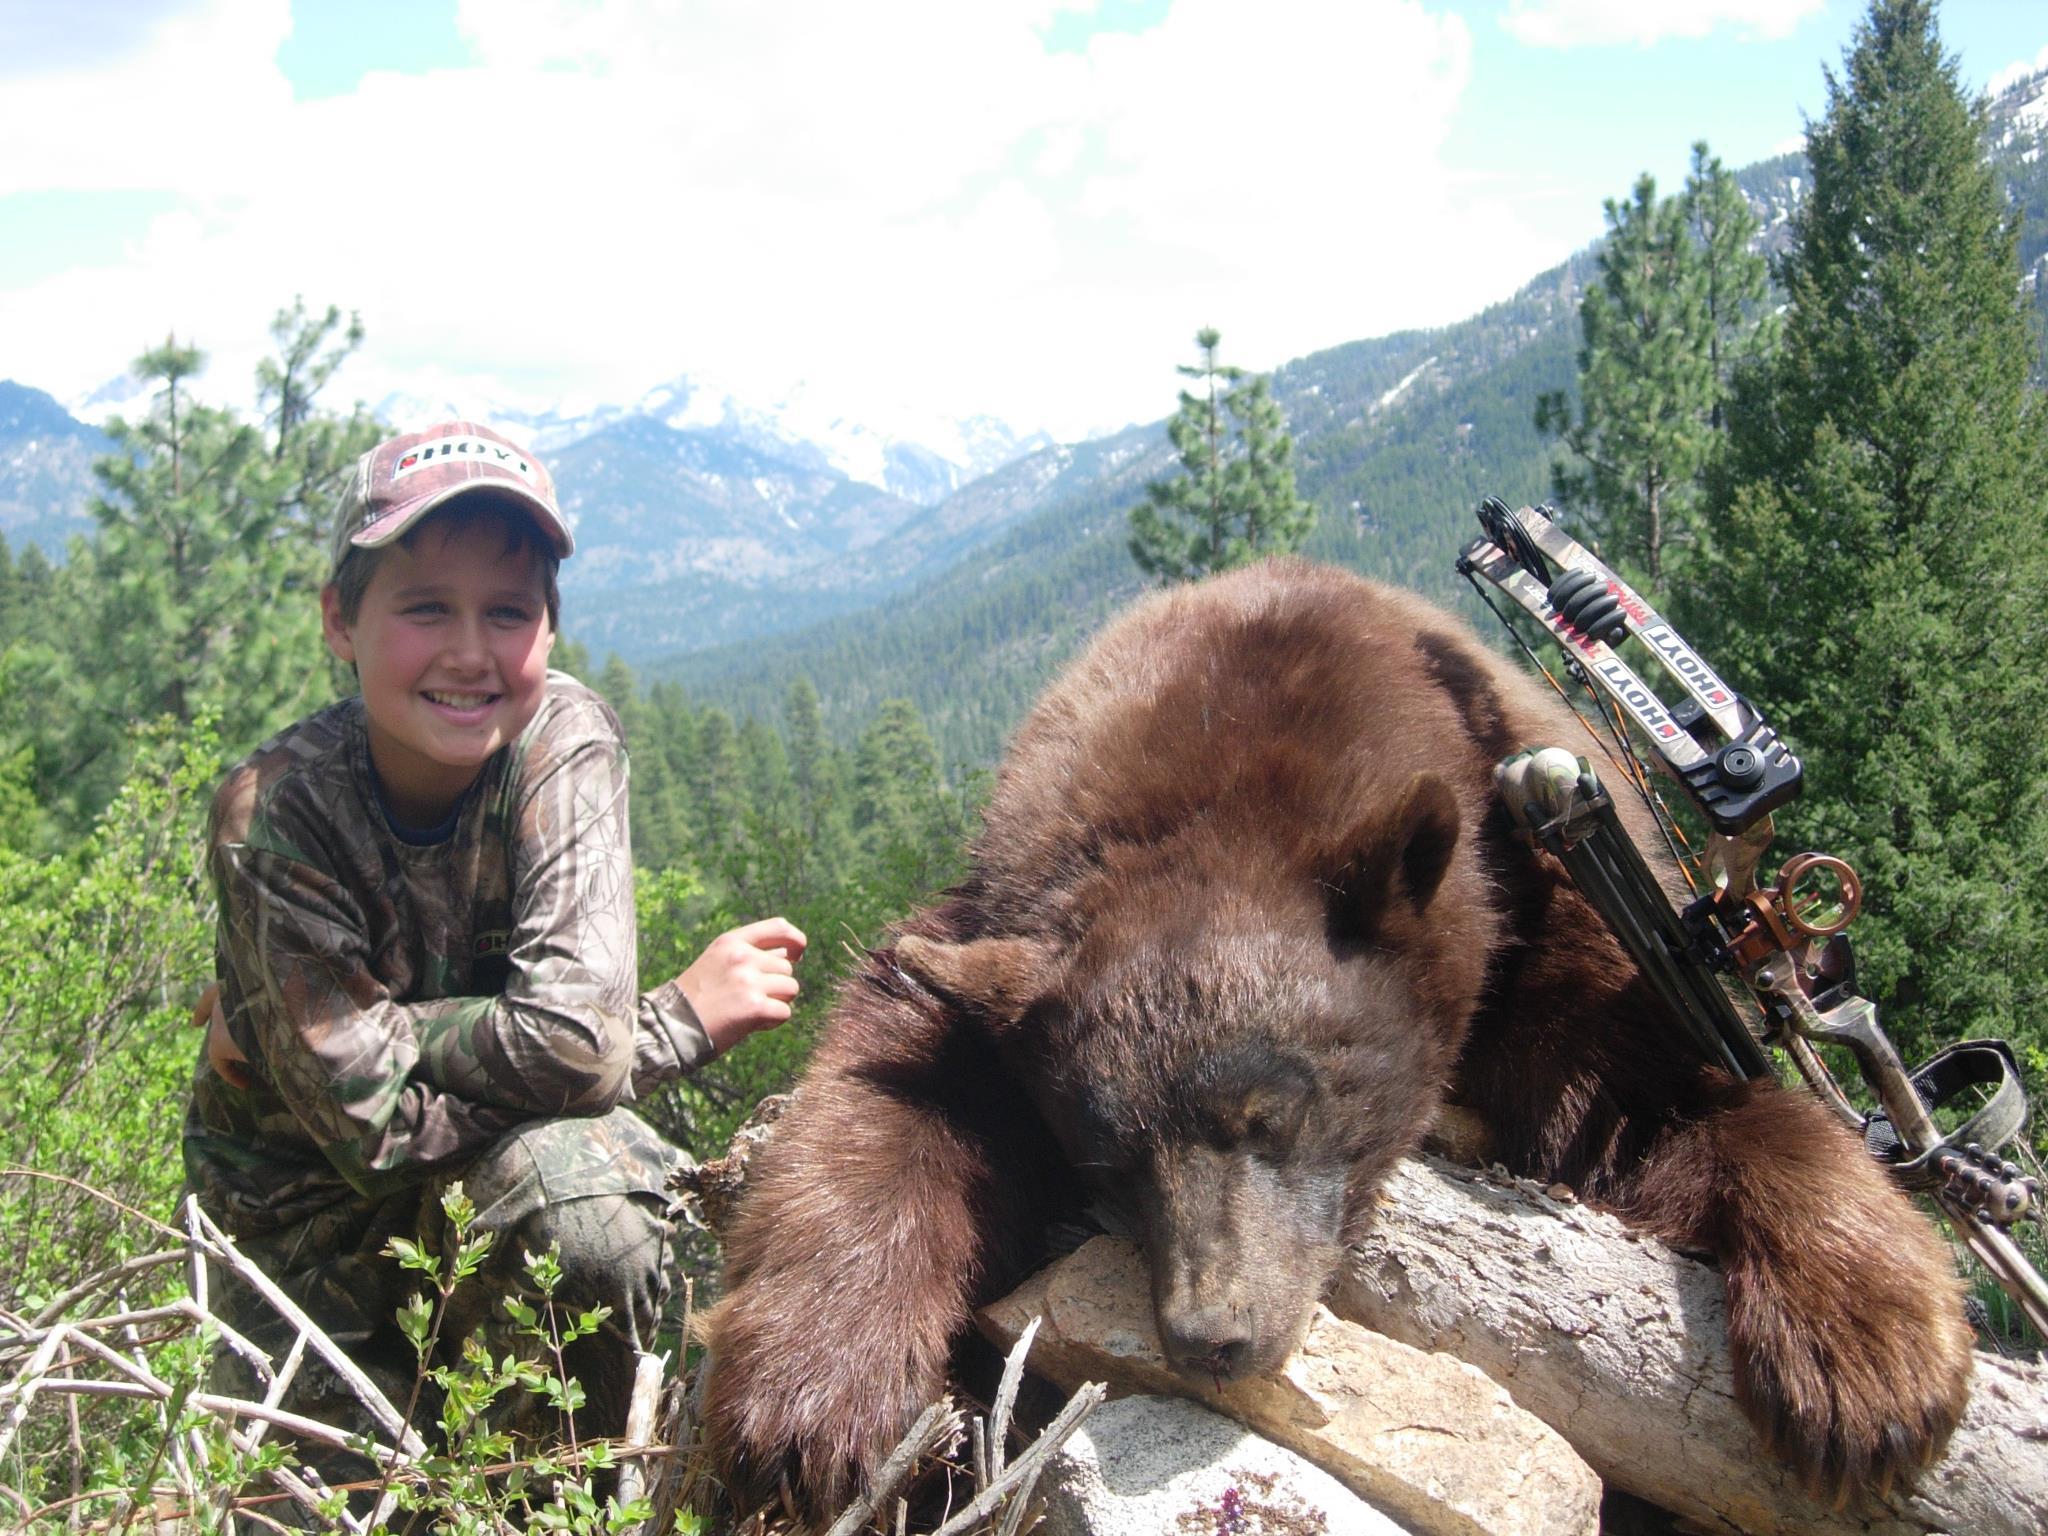 Женщины и охота, женщины на охоте, женщины и оружие, женщины на рыбалке, девушки на охоте, фото девушек на охоте